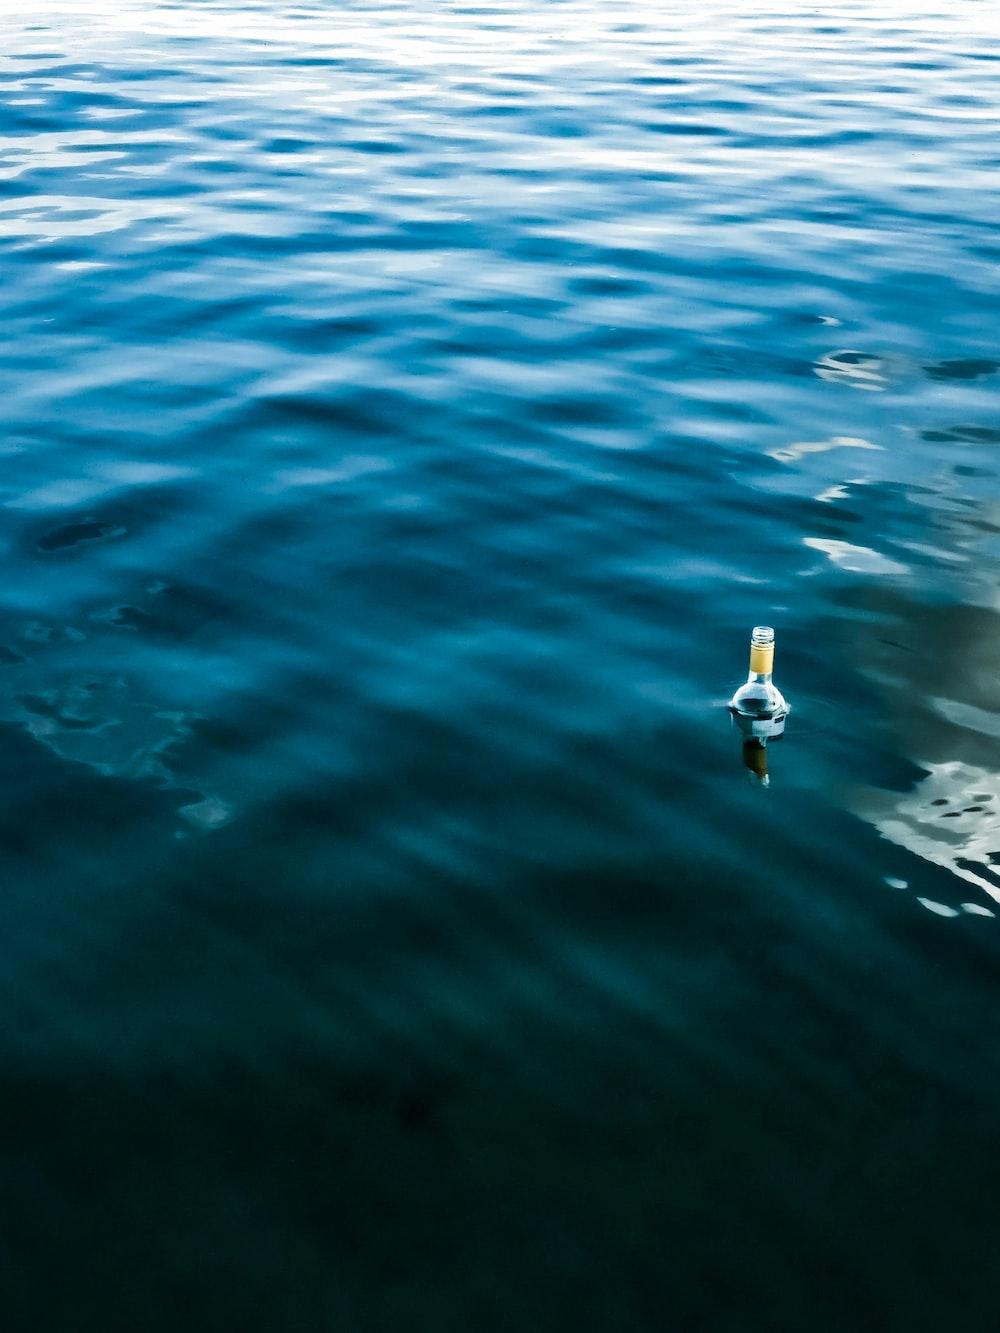 bottle on body of water